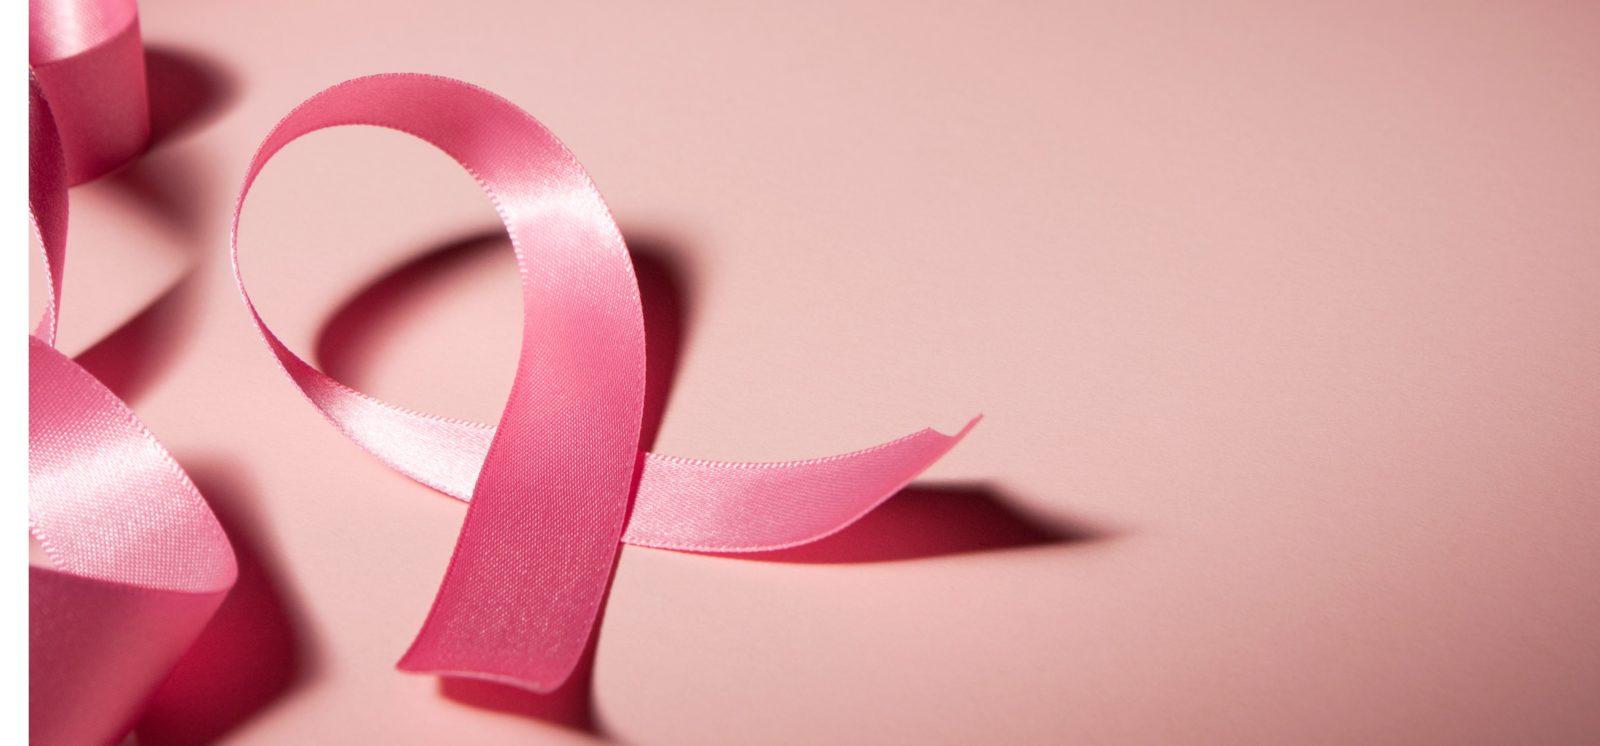 Breast Cancer Awareness for October Digital Signage